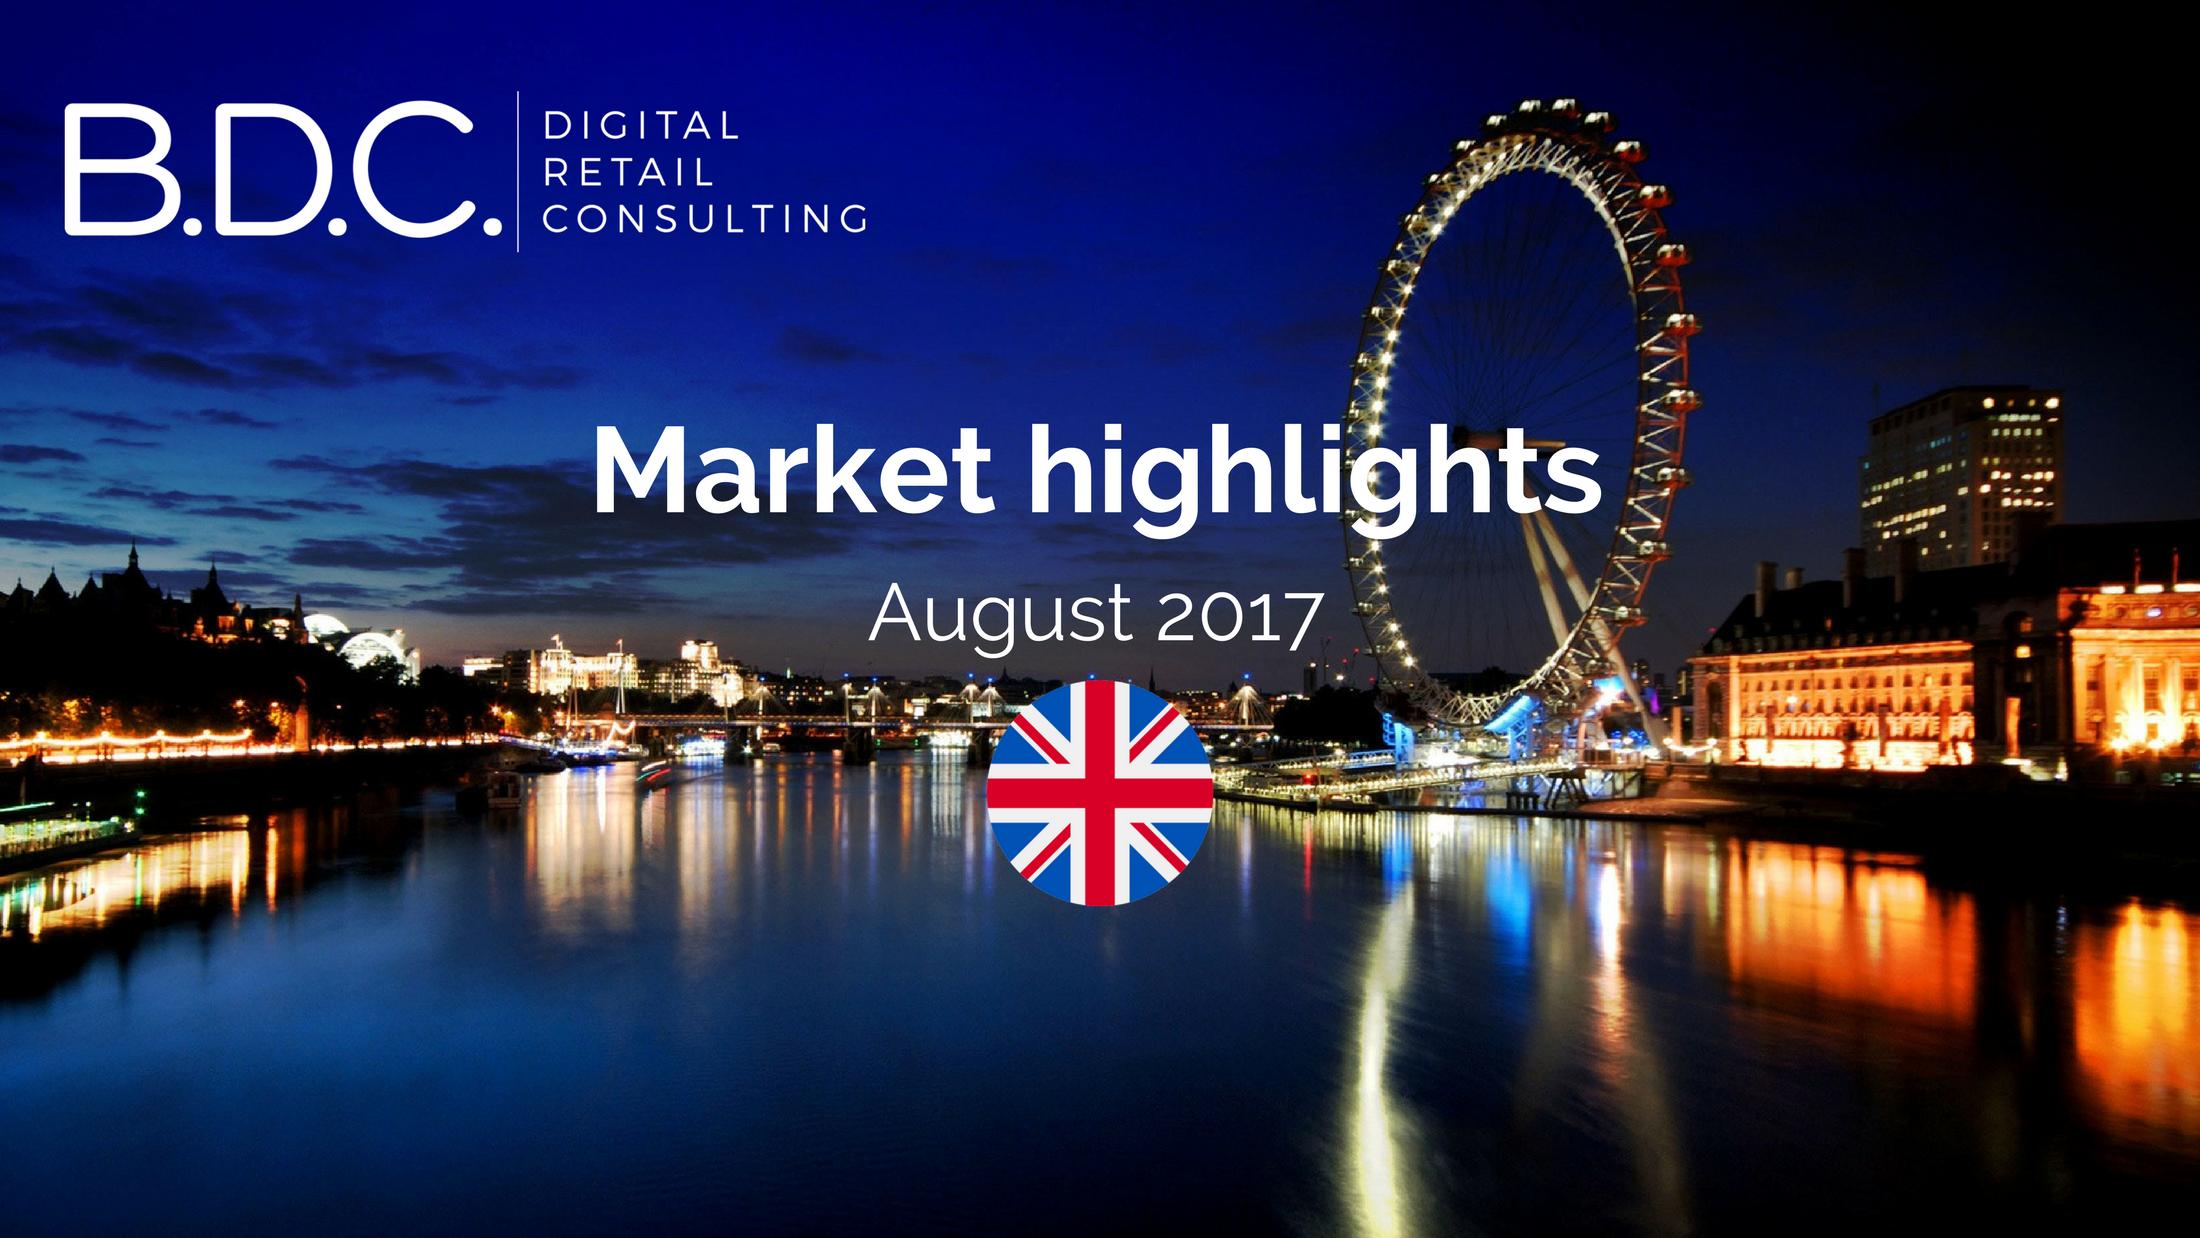 Trends News 8 - Market highlights - August 2017